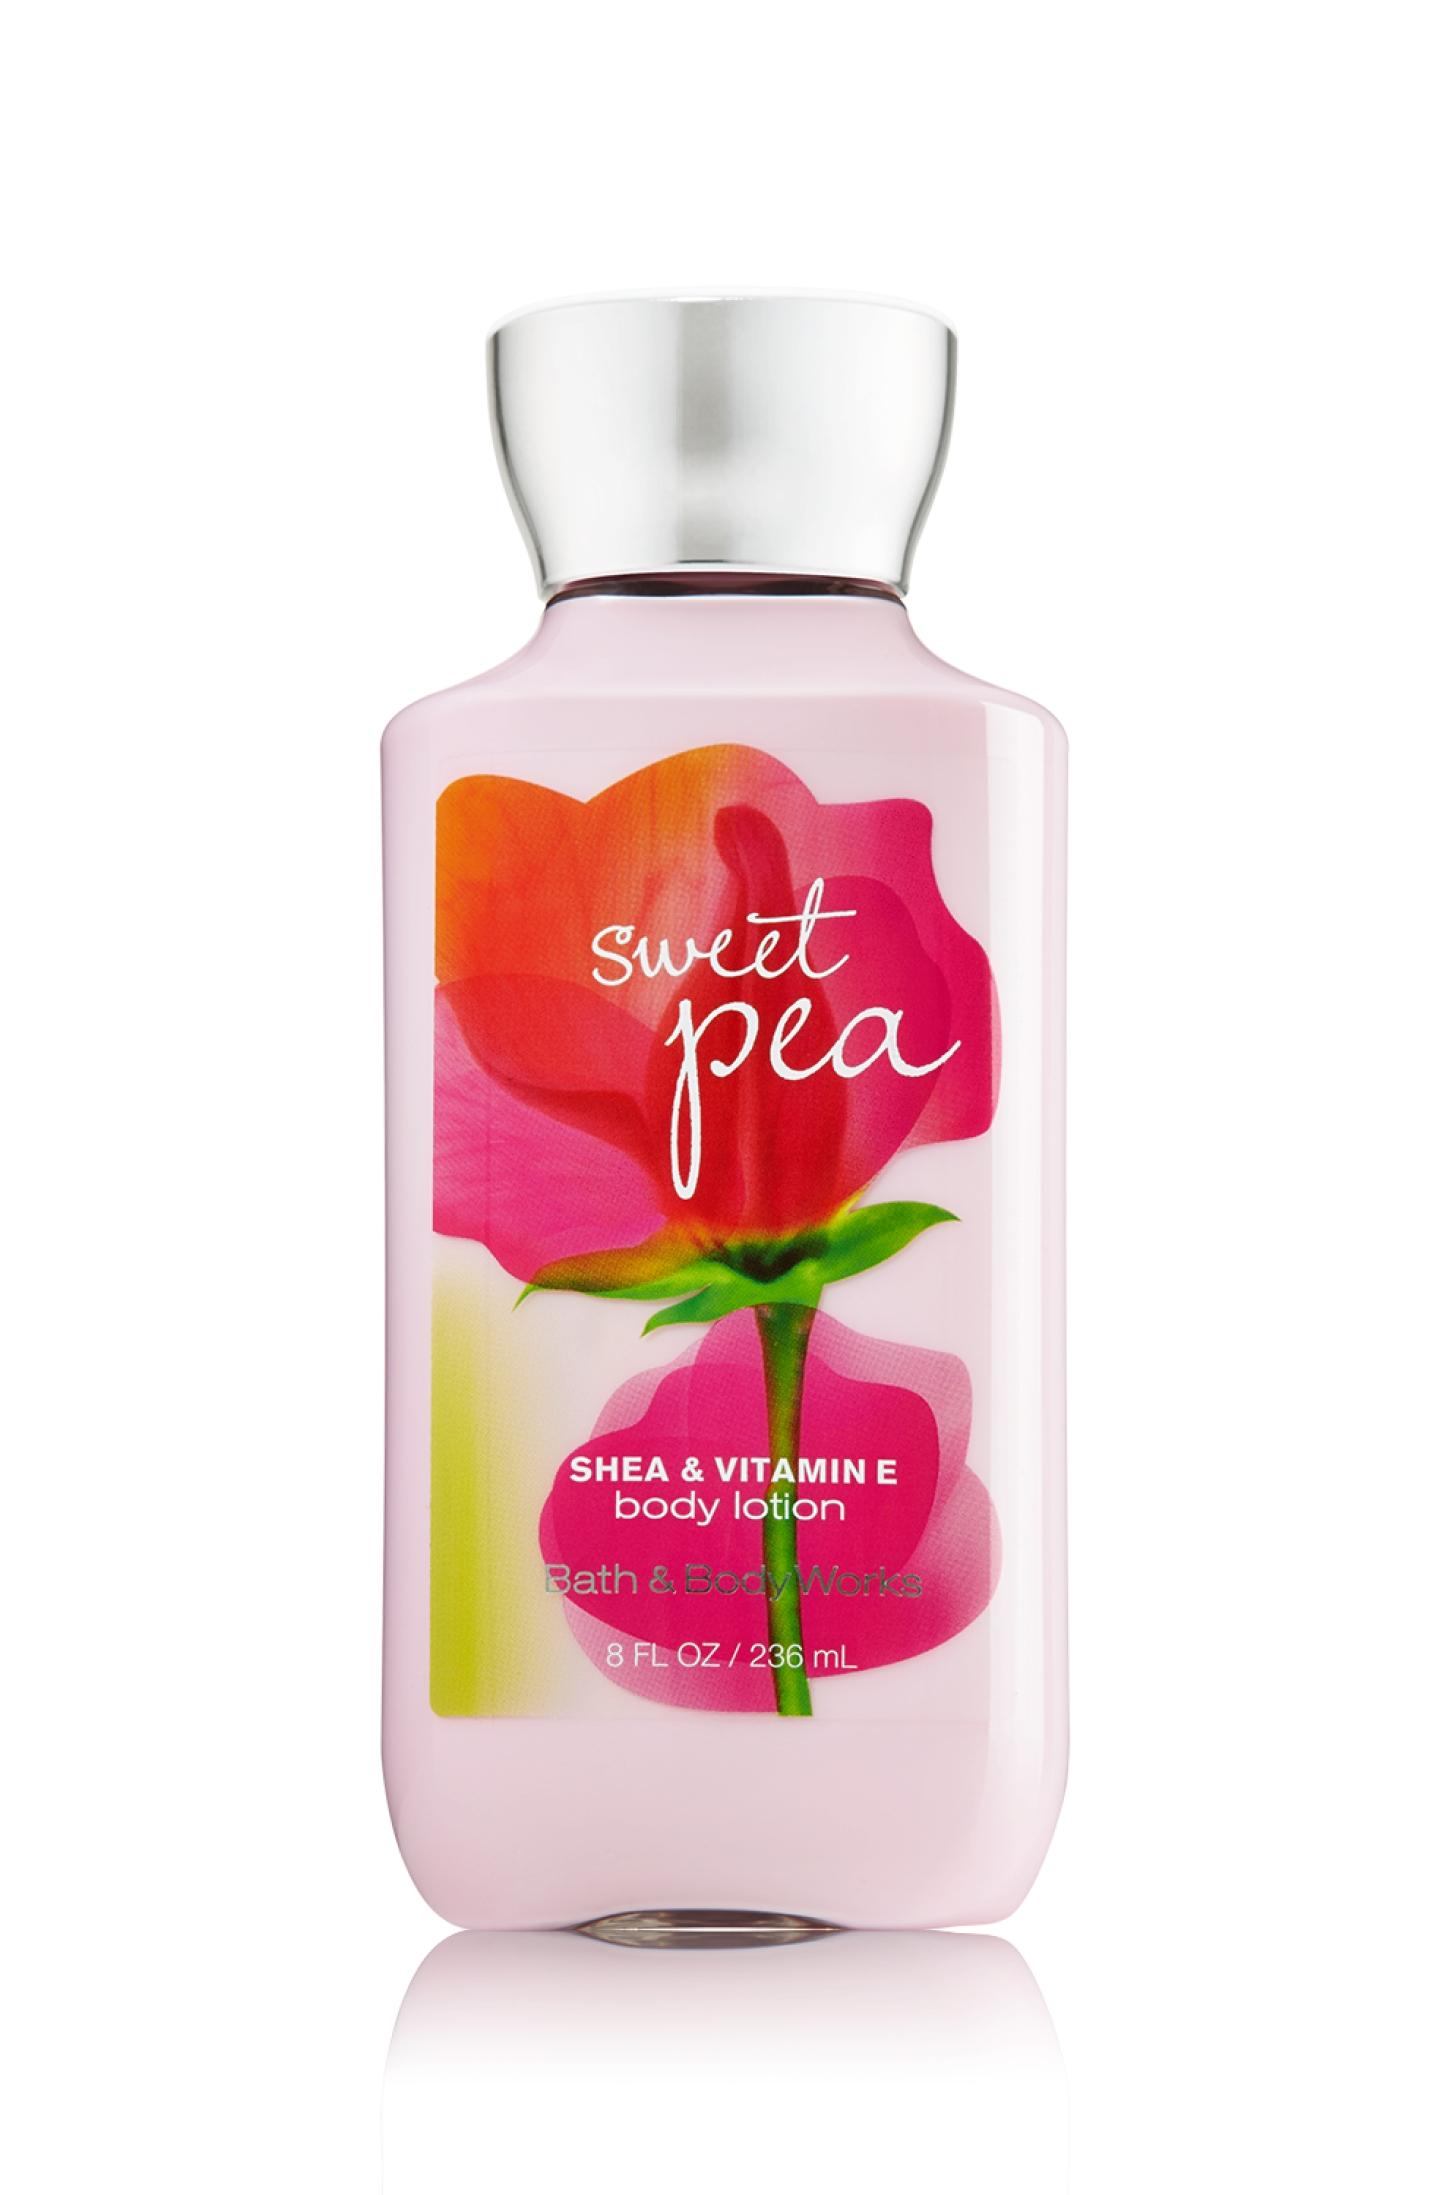 Bath & Body Works SHEA & VITAMIN E body lotion sweet pea 8 oz.(236 ml.)บำรุงผิวให้นุ่มมม หอมมม นาน 16 ช.ม.ดีมากๆจากอเมริกาค่ะ